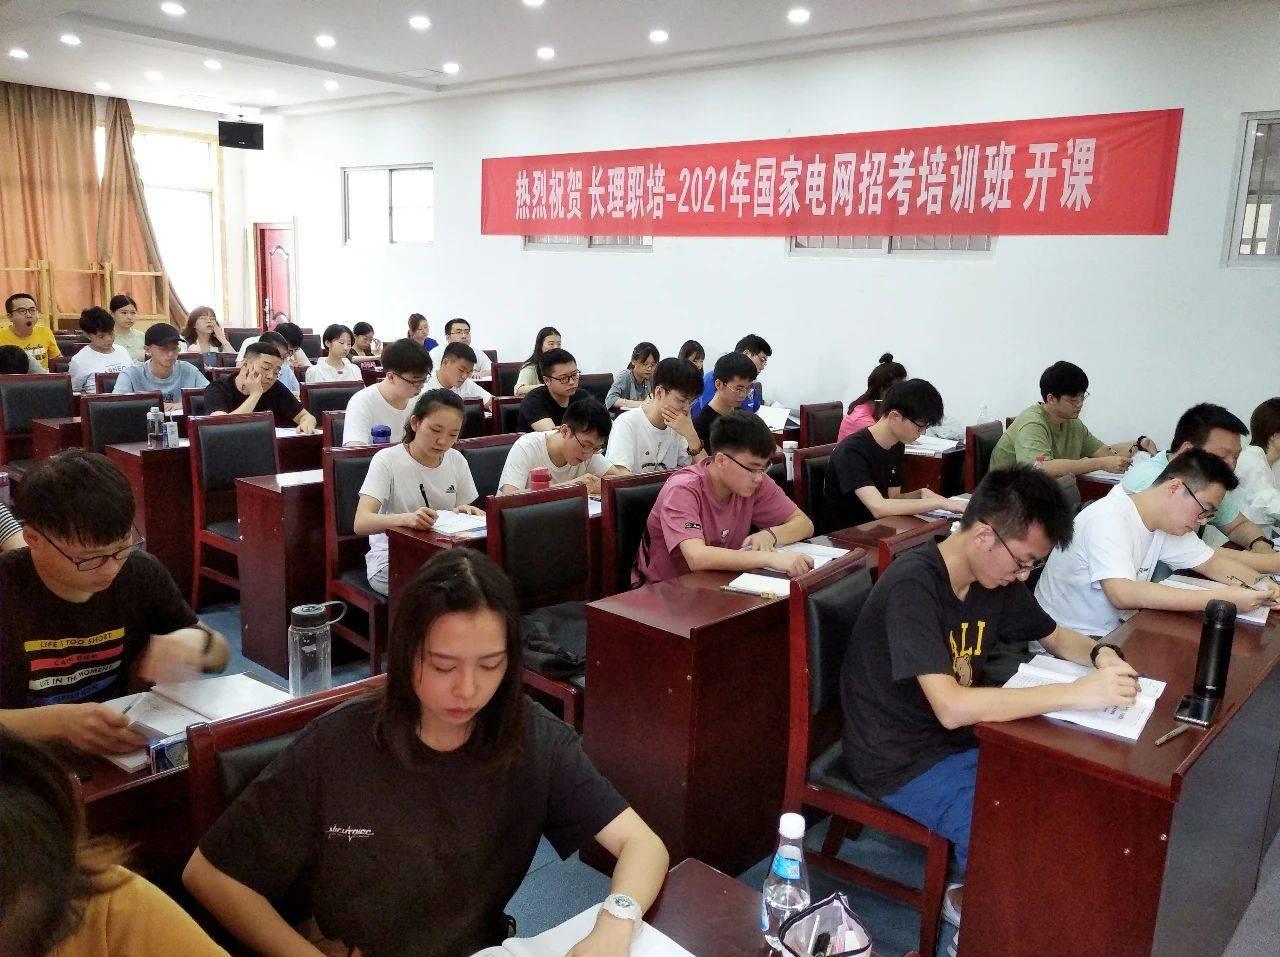 2021年全国电网考试招生行政能力知识:农村工业化